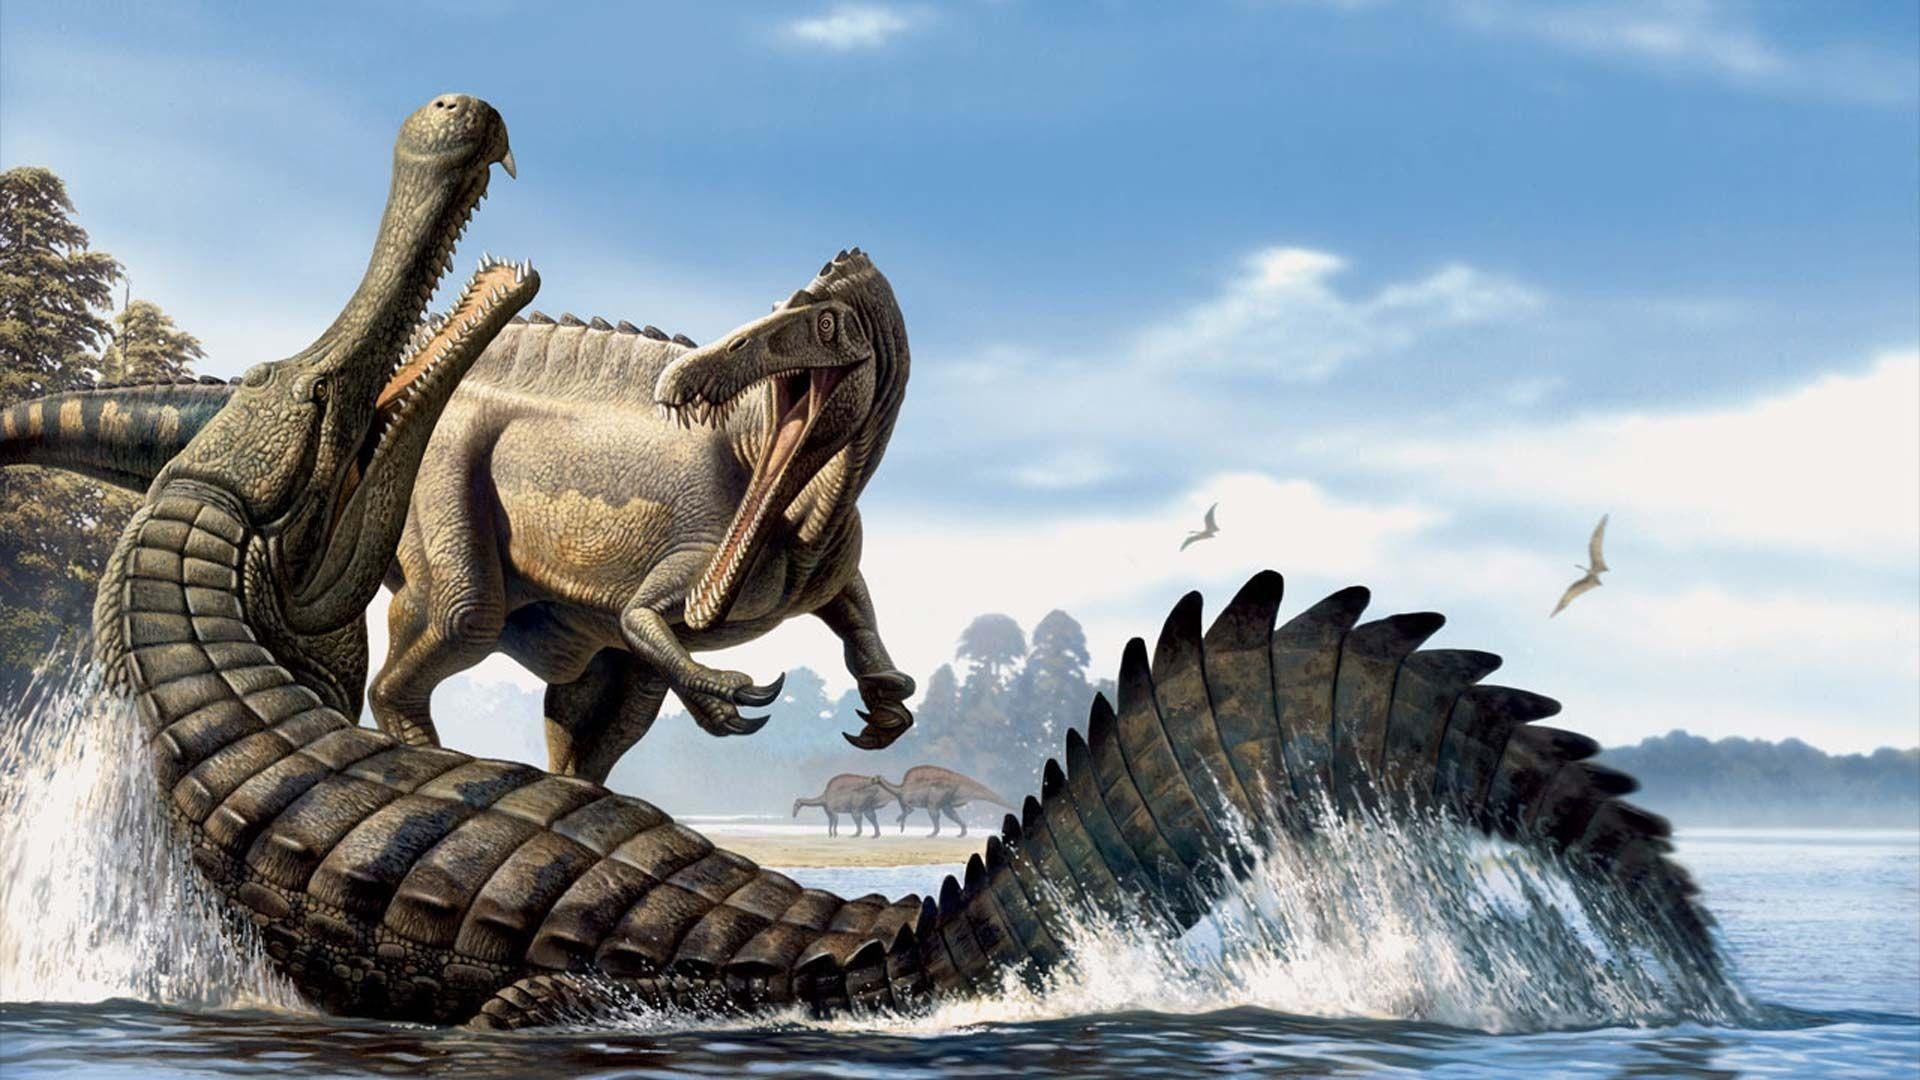 Fondo Escritorio Dinosauriosfondo Pantalla Dinosaurios